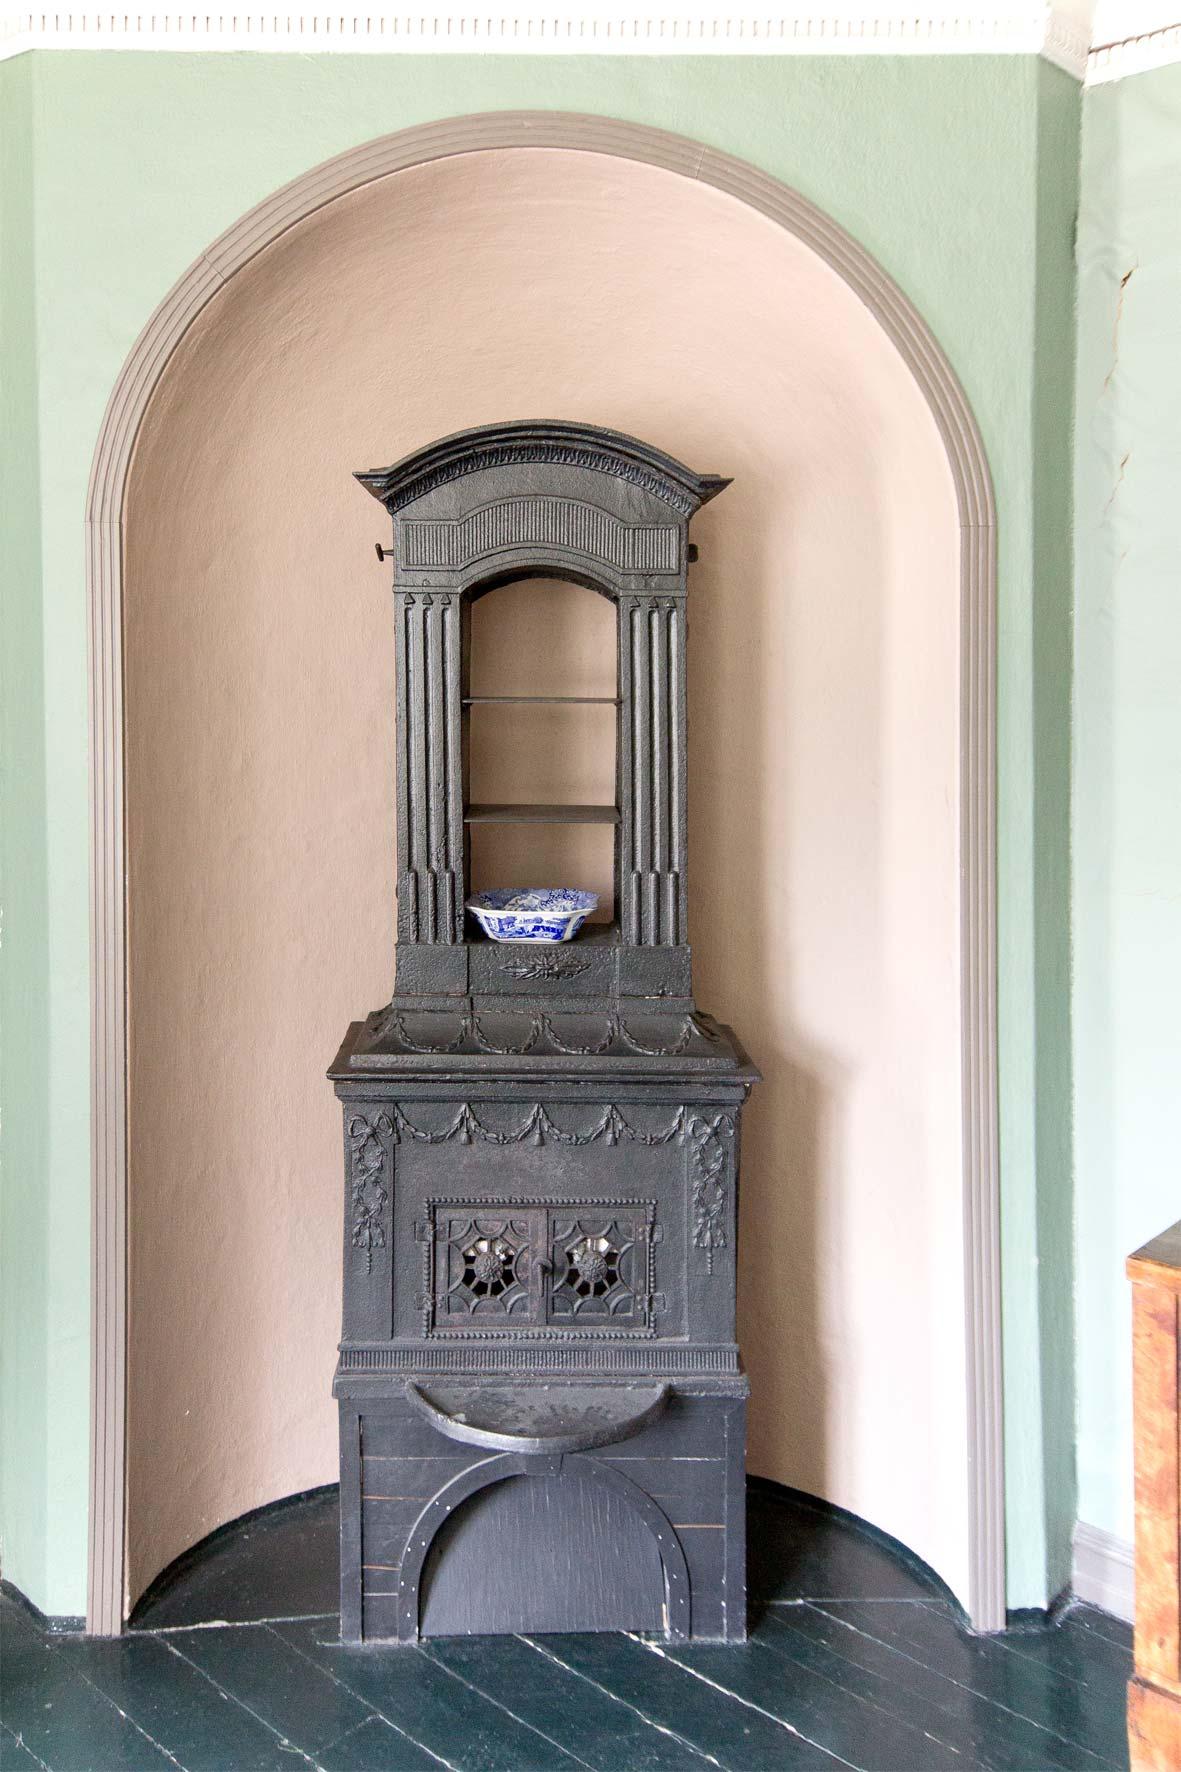 Gußeiserner Ofen in Gamle Bergen